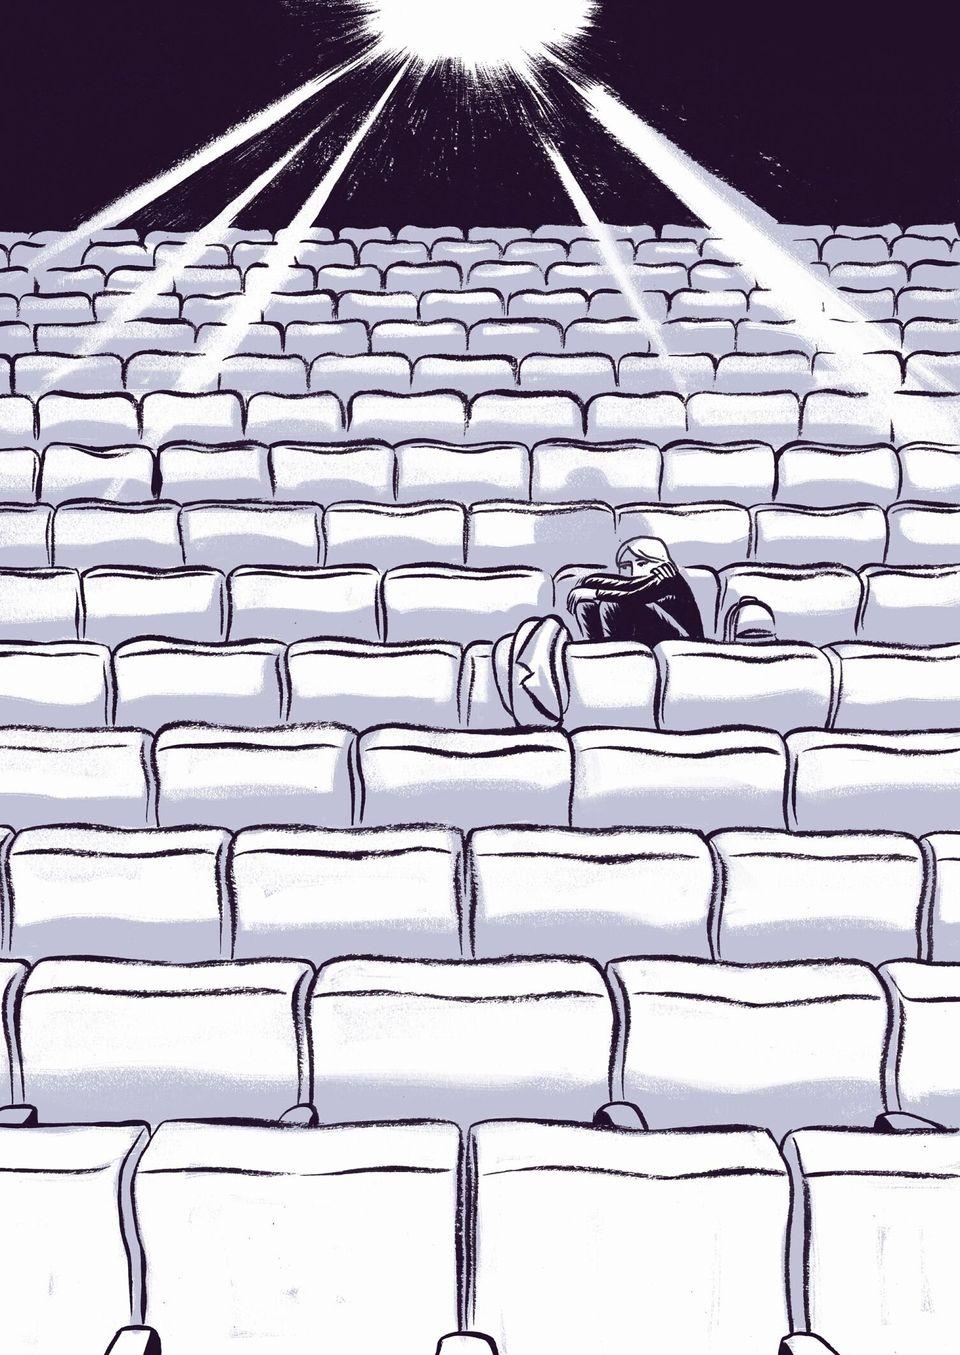 Ένα υπέροχο κόμικ για το 60ό Φεστιβάλ Κινηματογράφου